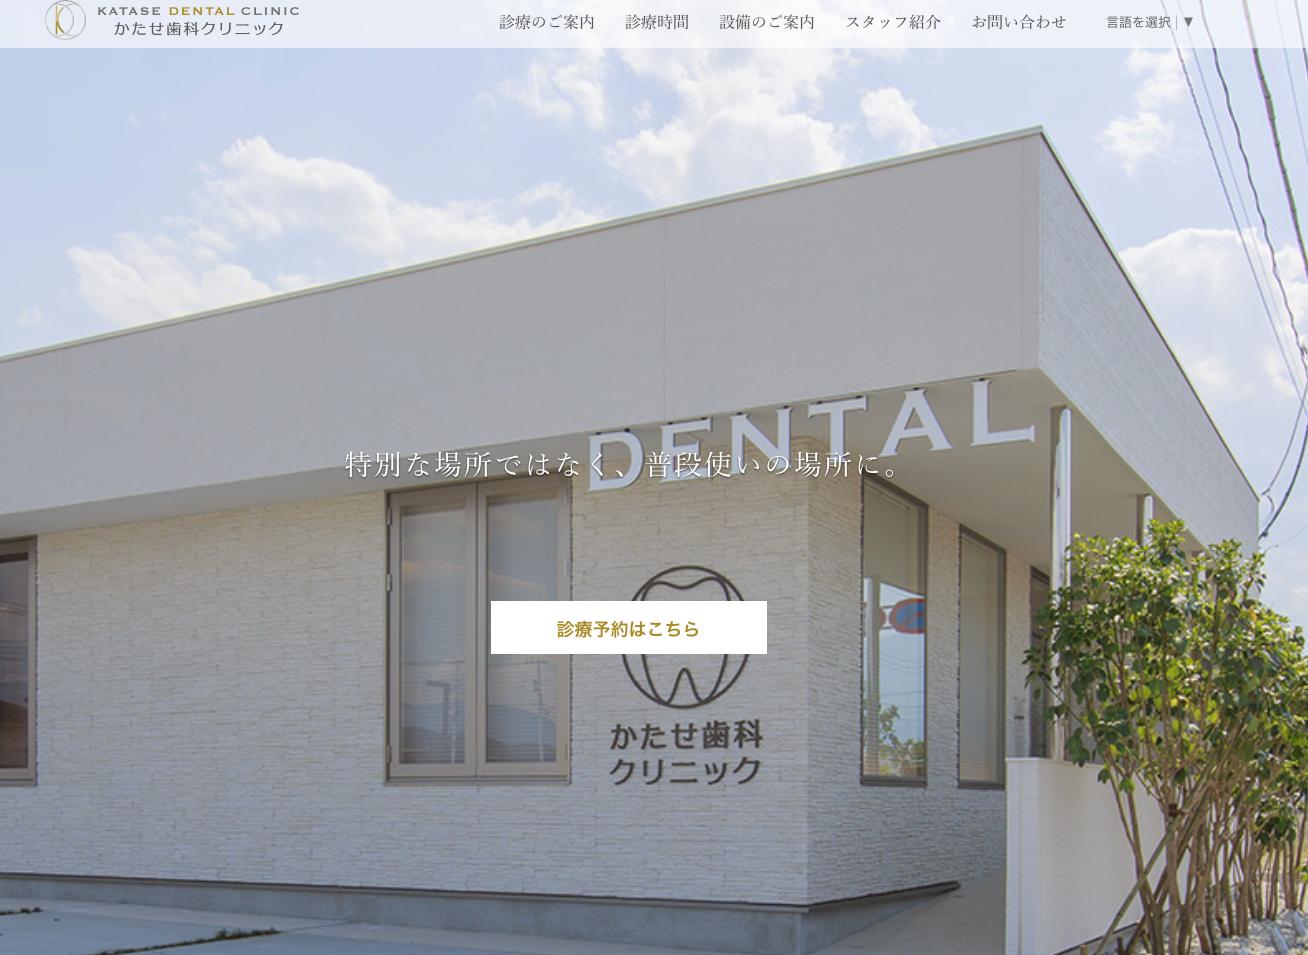 かたせ歯科クリニック